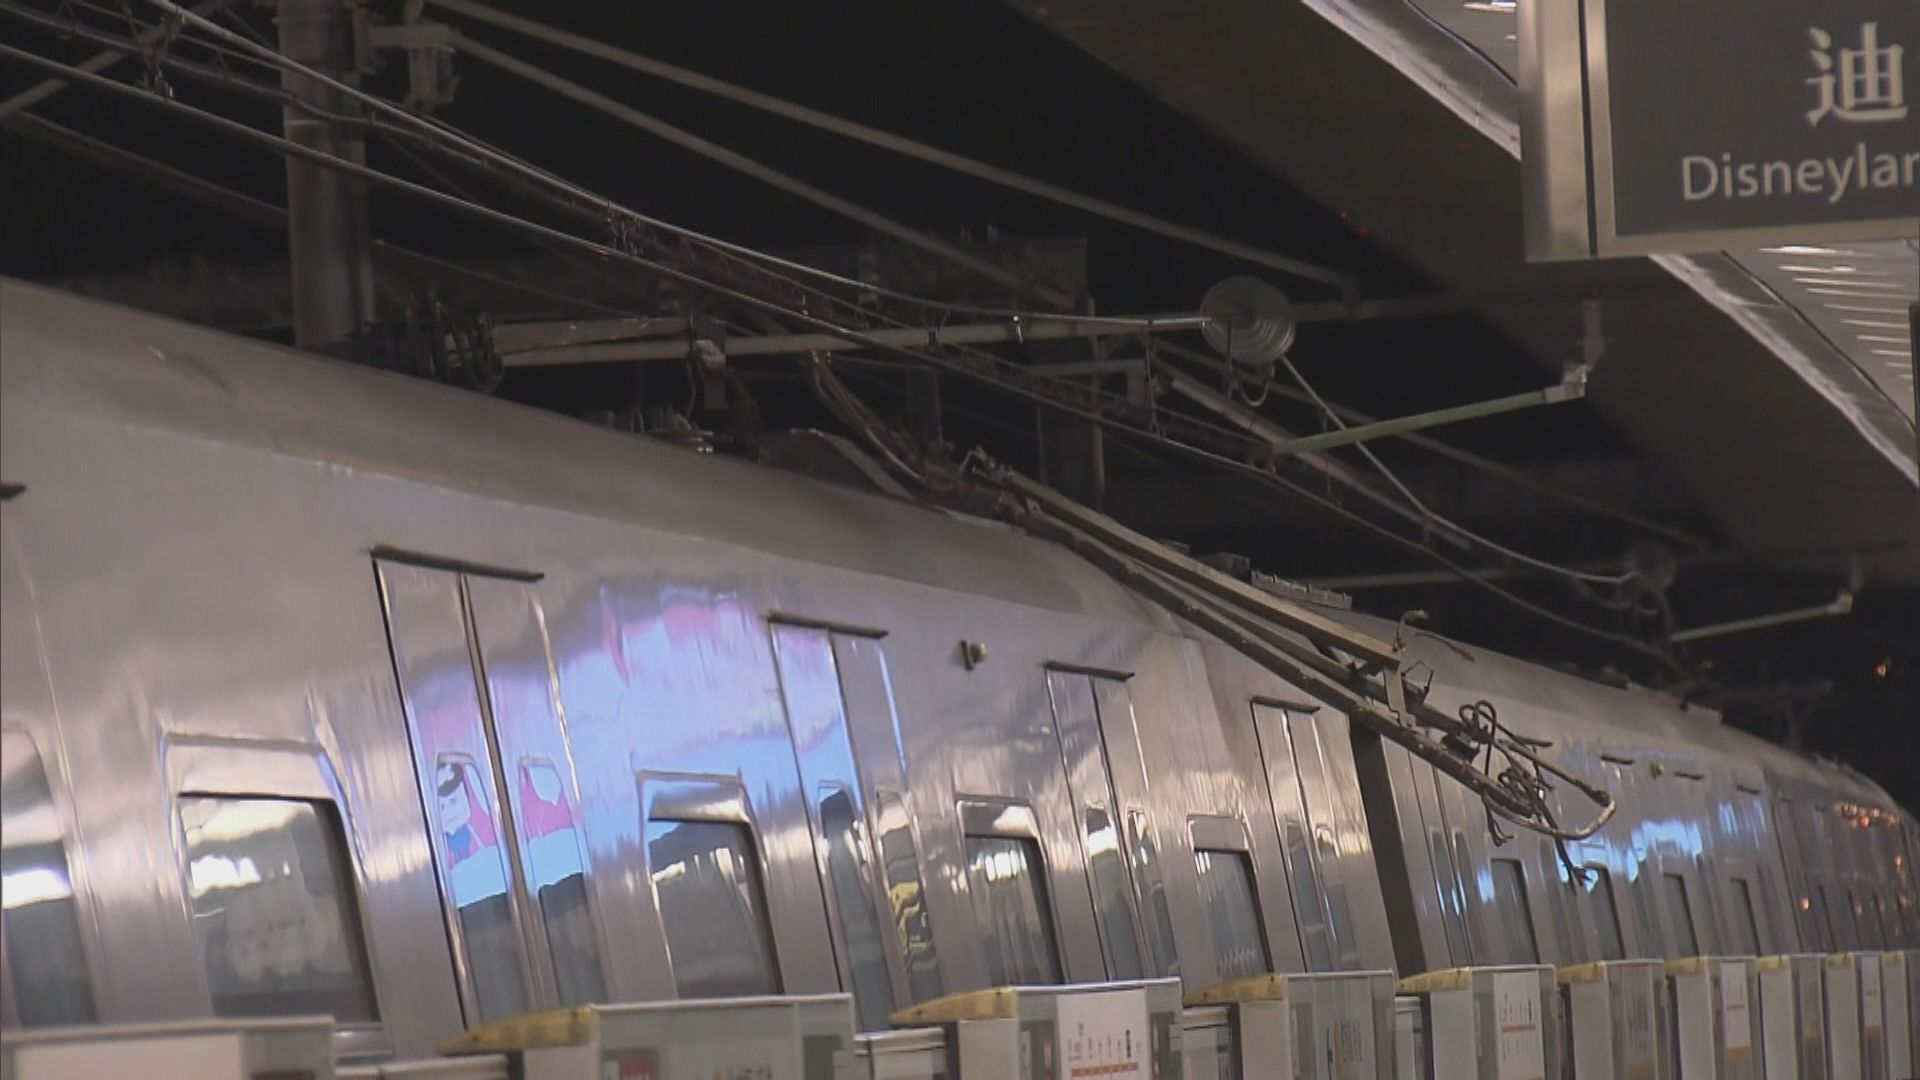 東涌綫列車集電弓墜下 服務逐步回復正常